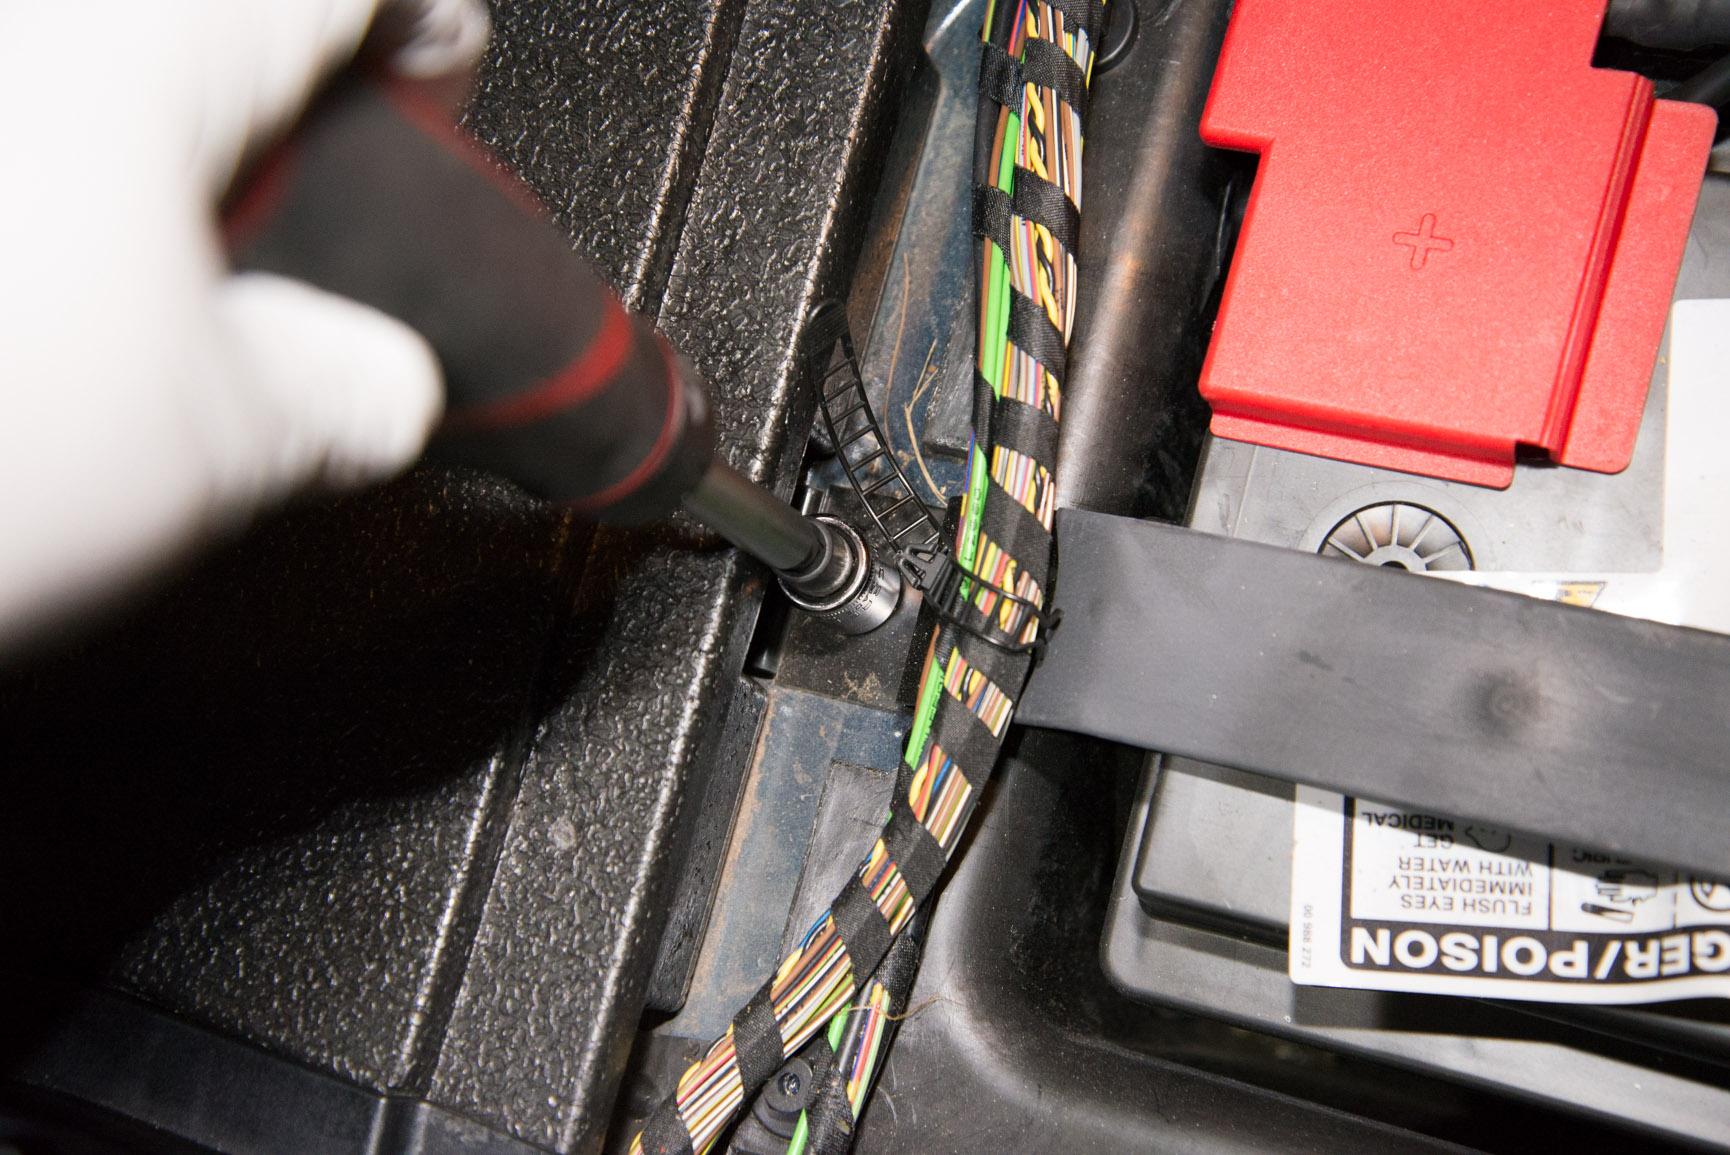 2008 E60 M5 Battery Replacement-dsc_7521.jpg